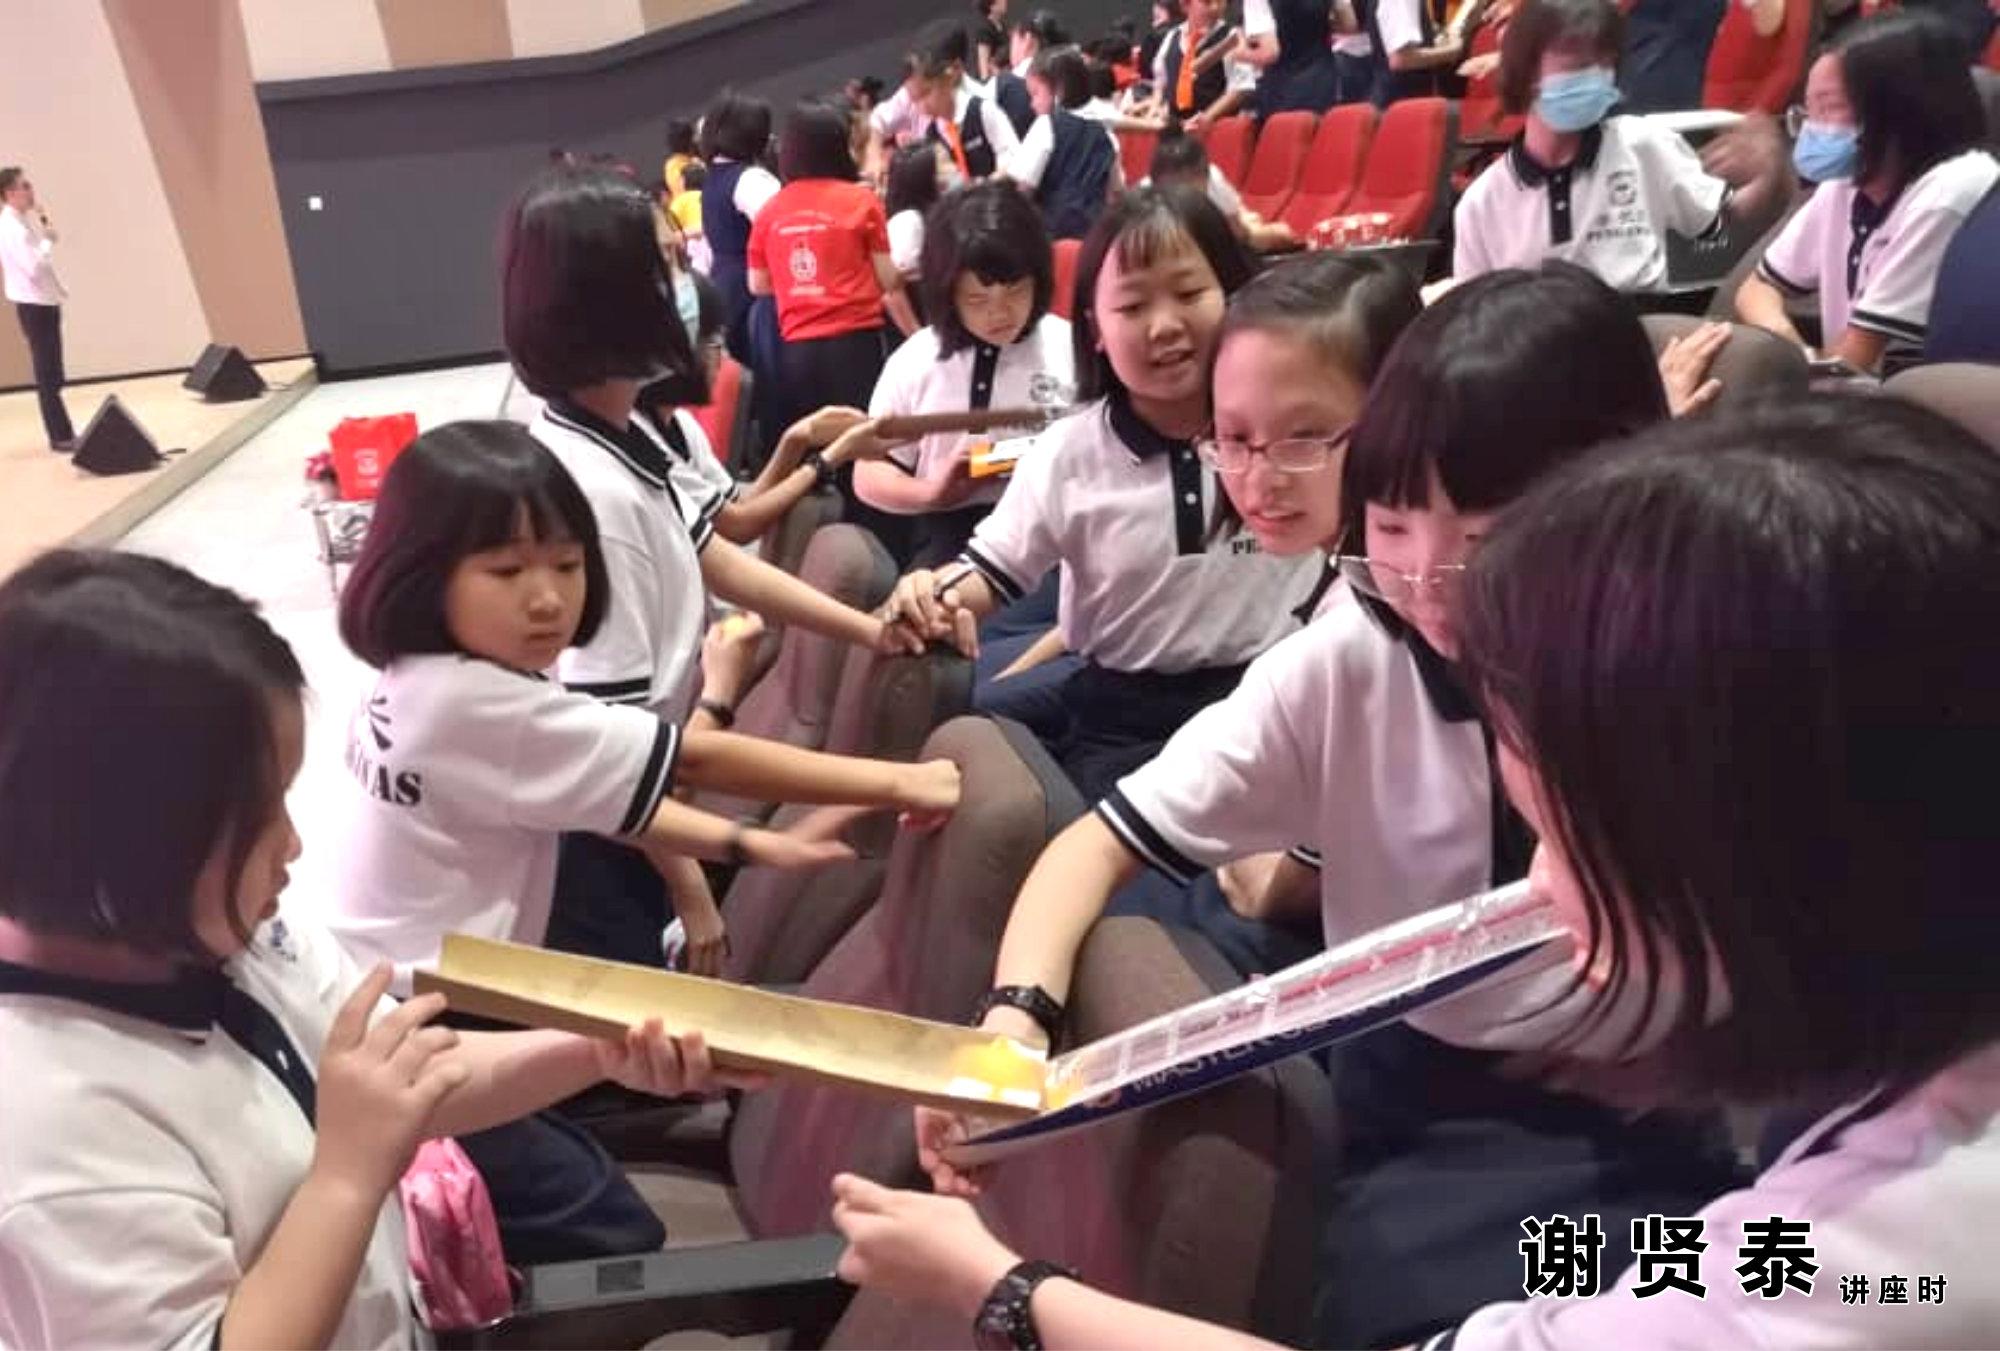 谢贤泰 新山宽柔一小 成为团队领袖 Be A Team Leader 2020小领袖培训营 麻坡小学领袖培训 新山小学培训 A033